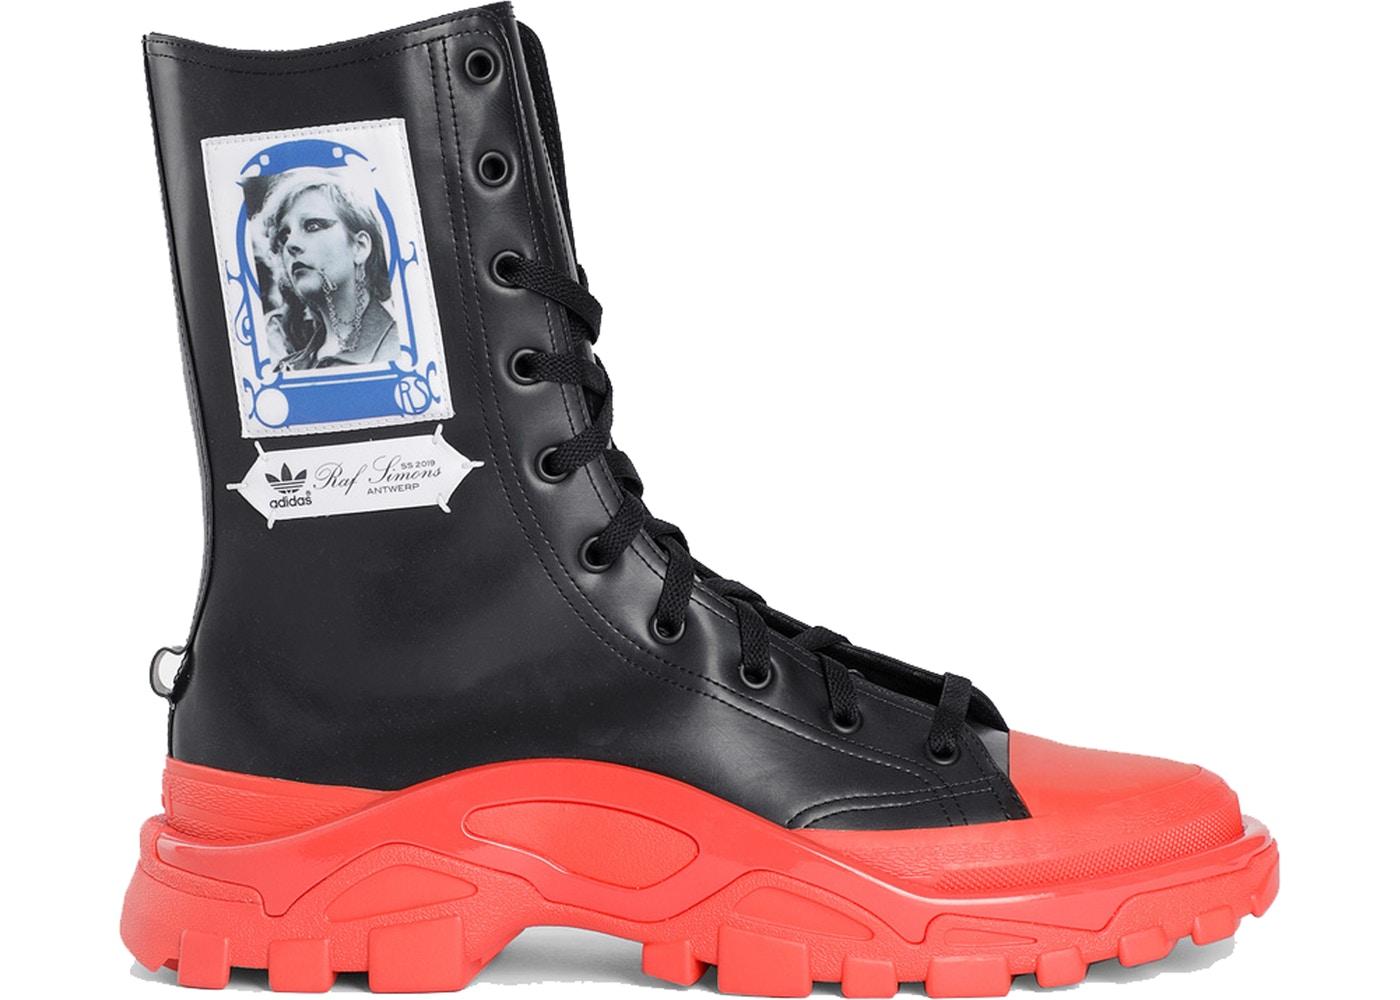 アディダス ADIDAS デトロイト ハイ 黒 ブラック スニーカー 【 BLACK DETROIT HIGH RAF SIMONS RED 】 メンズ 送料無料